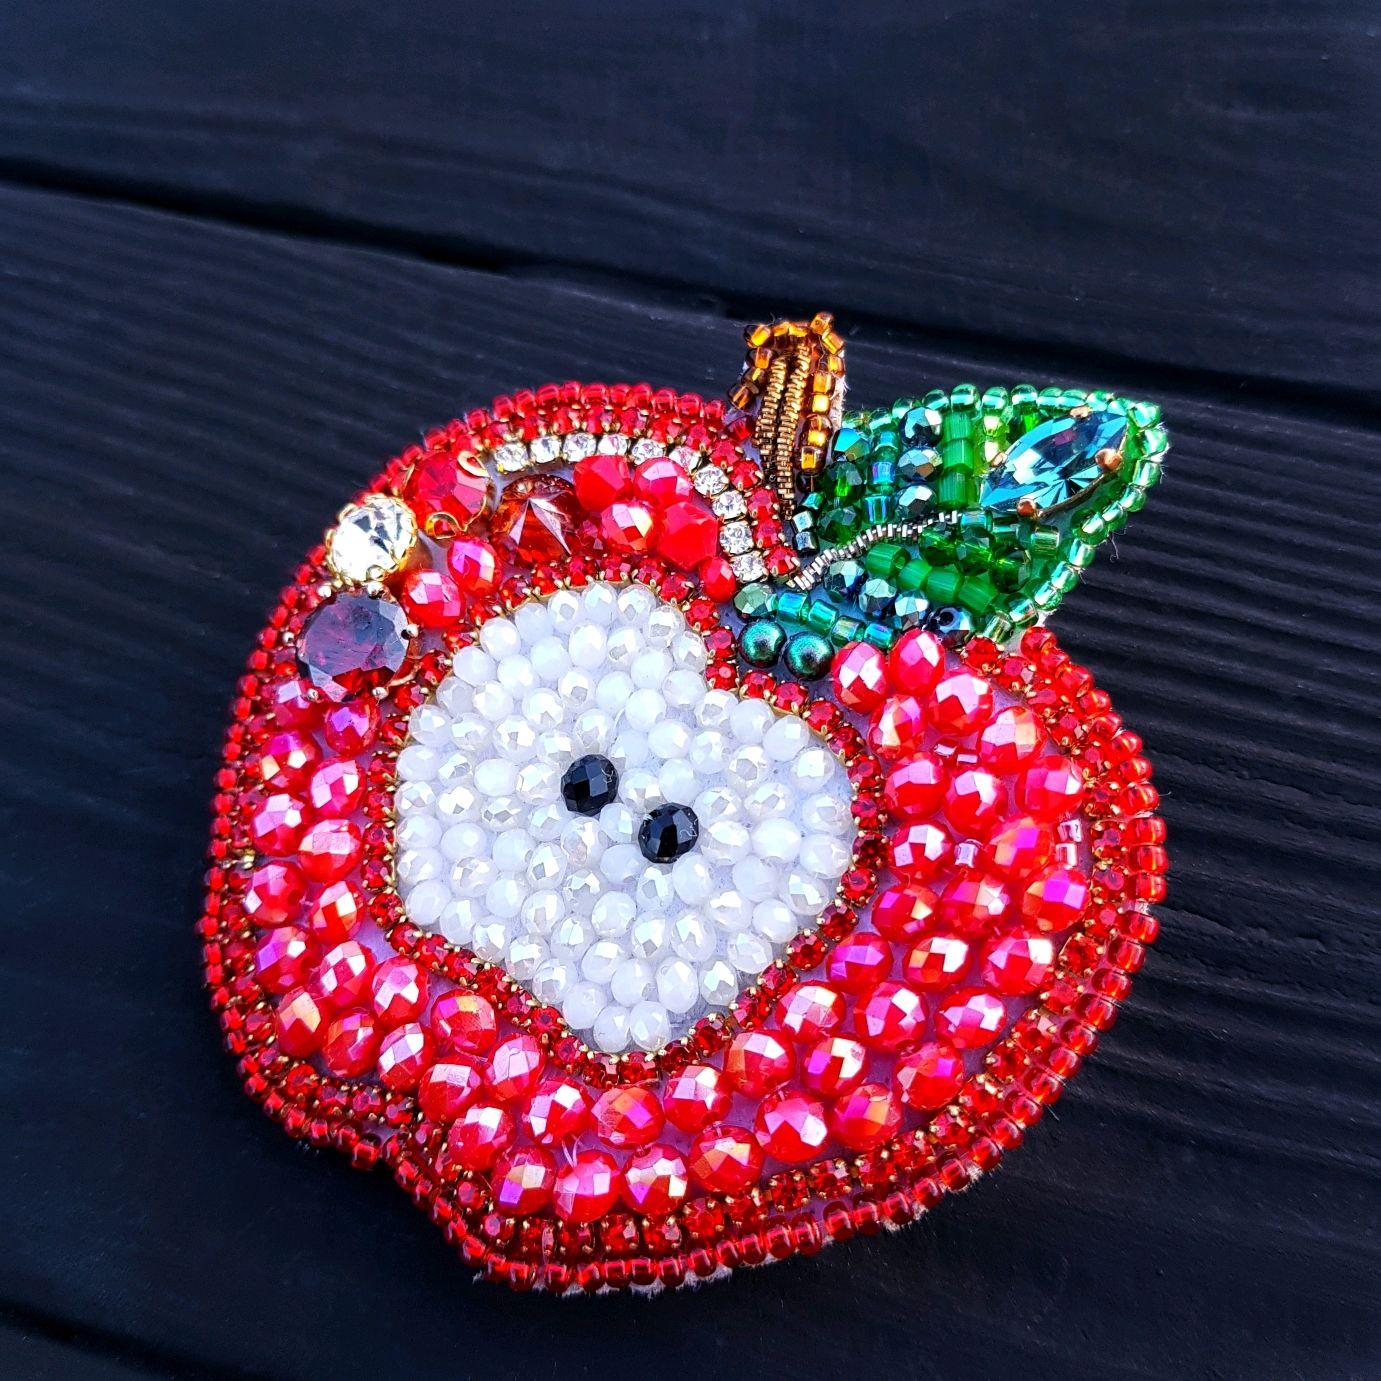 Брошь - кулон Яблочко вышивка кристаллами и бисером брошка фрукт, Брошь-булавка, Черкассы,  Фото №1